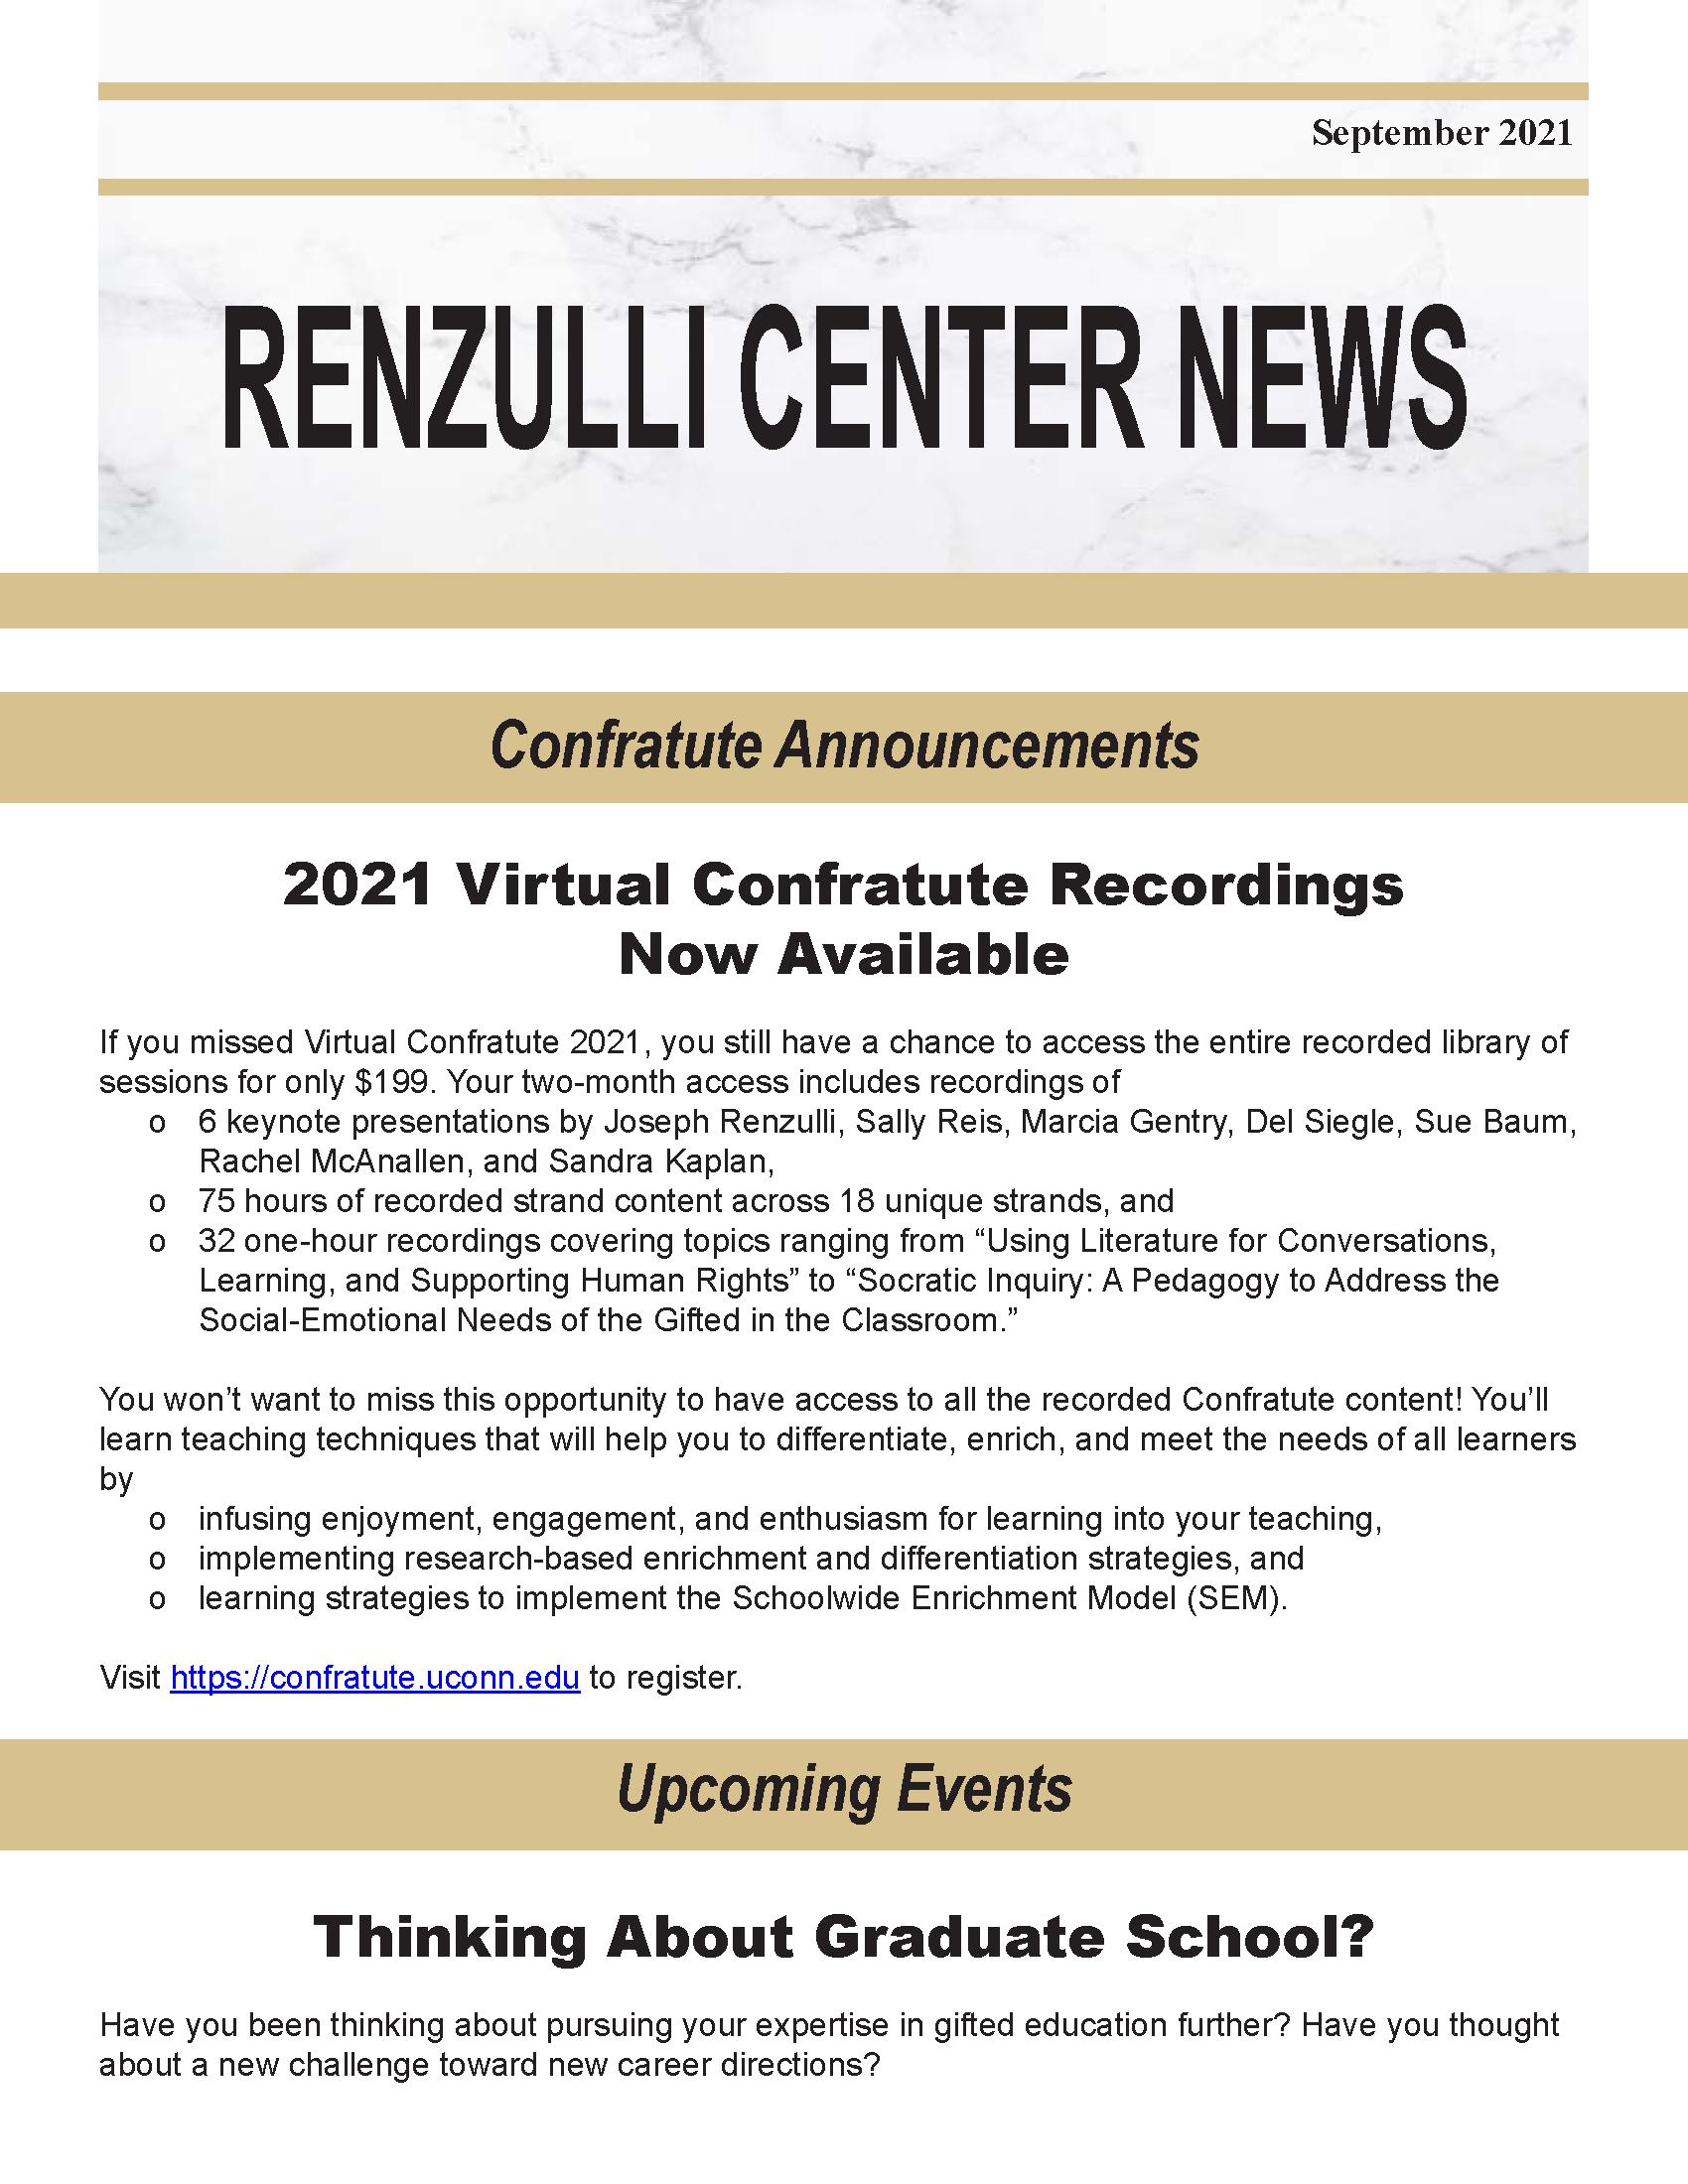 September 2021 Renzulli News Cover Graphic